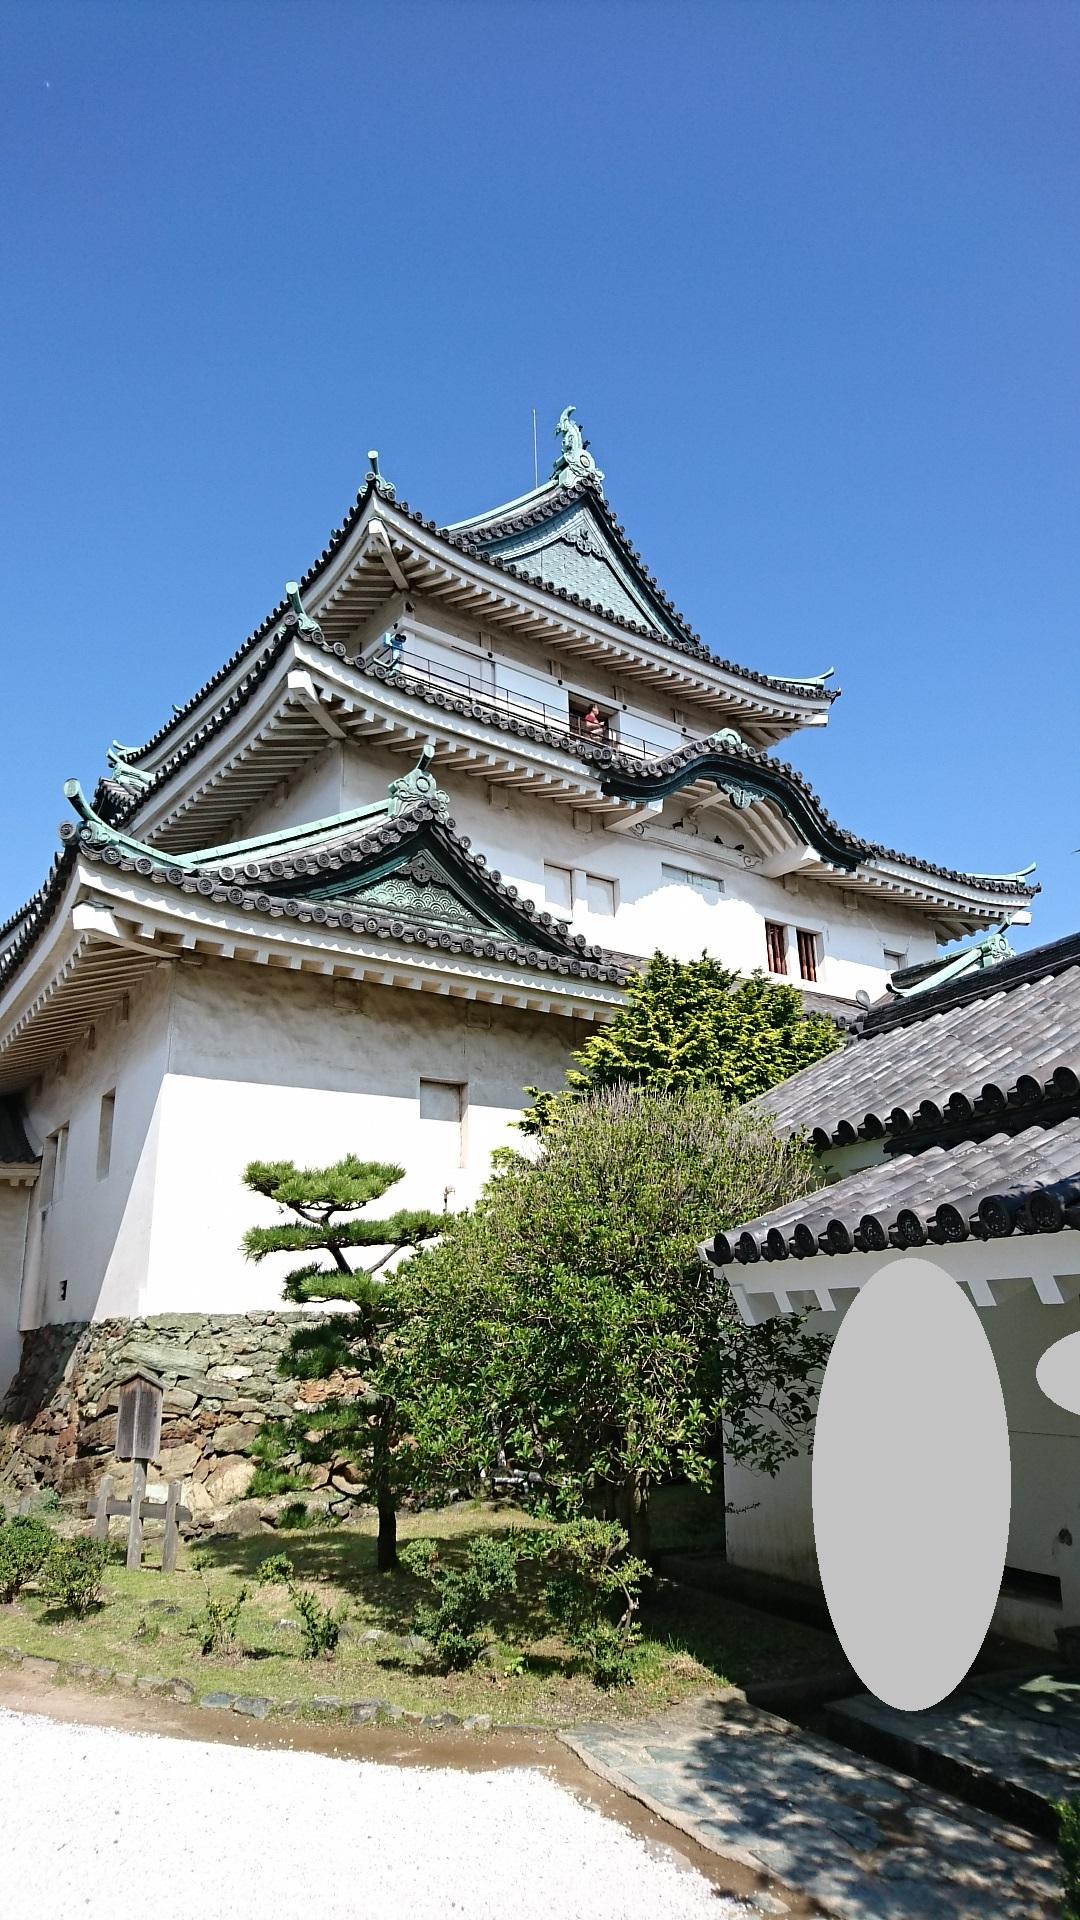 2017.8.17 わかやま (7) 和歌山城=天守閣 1080-1920